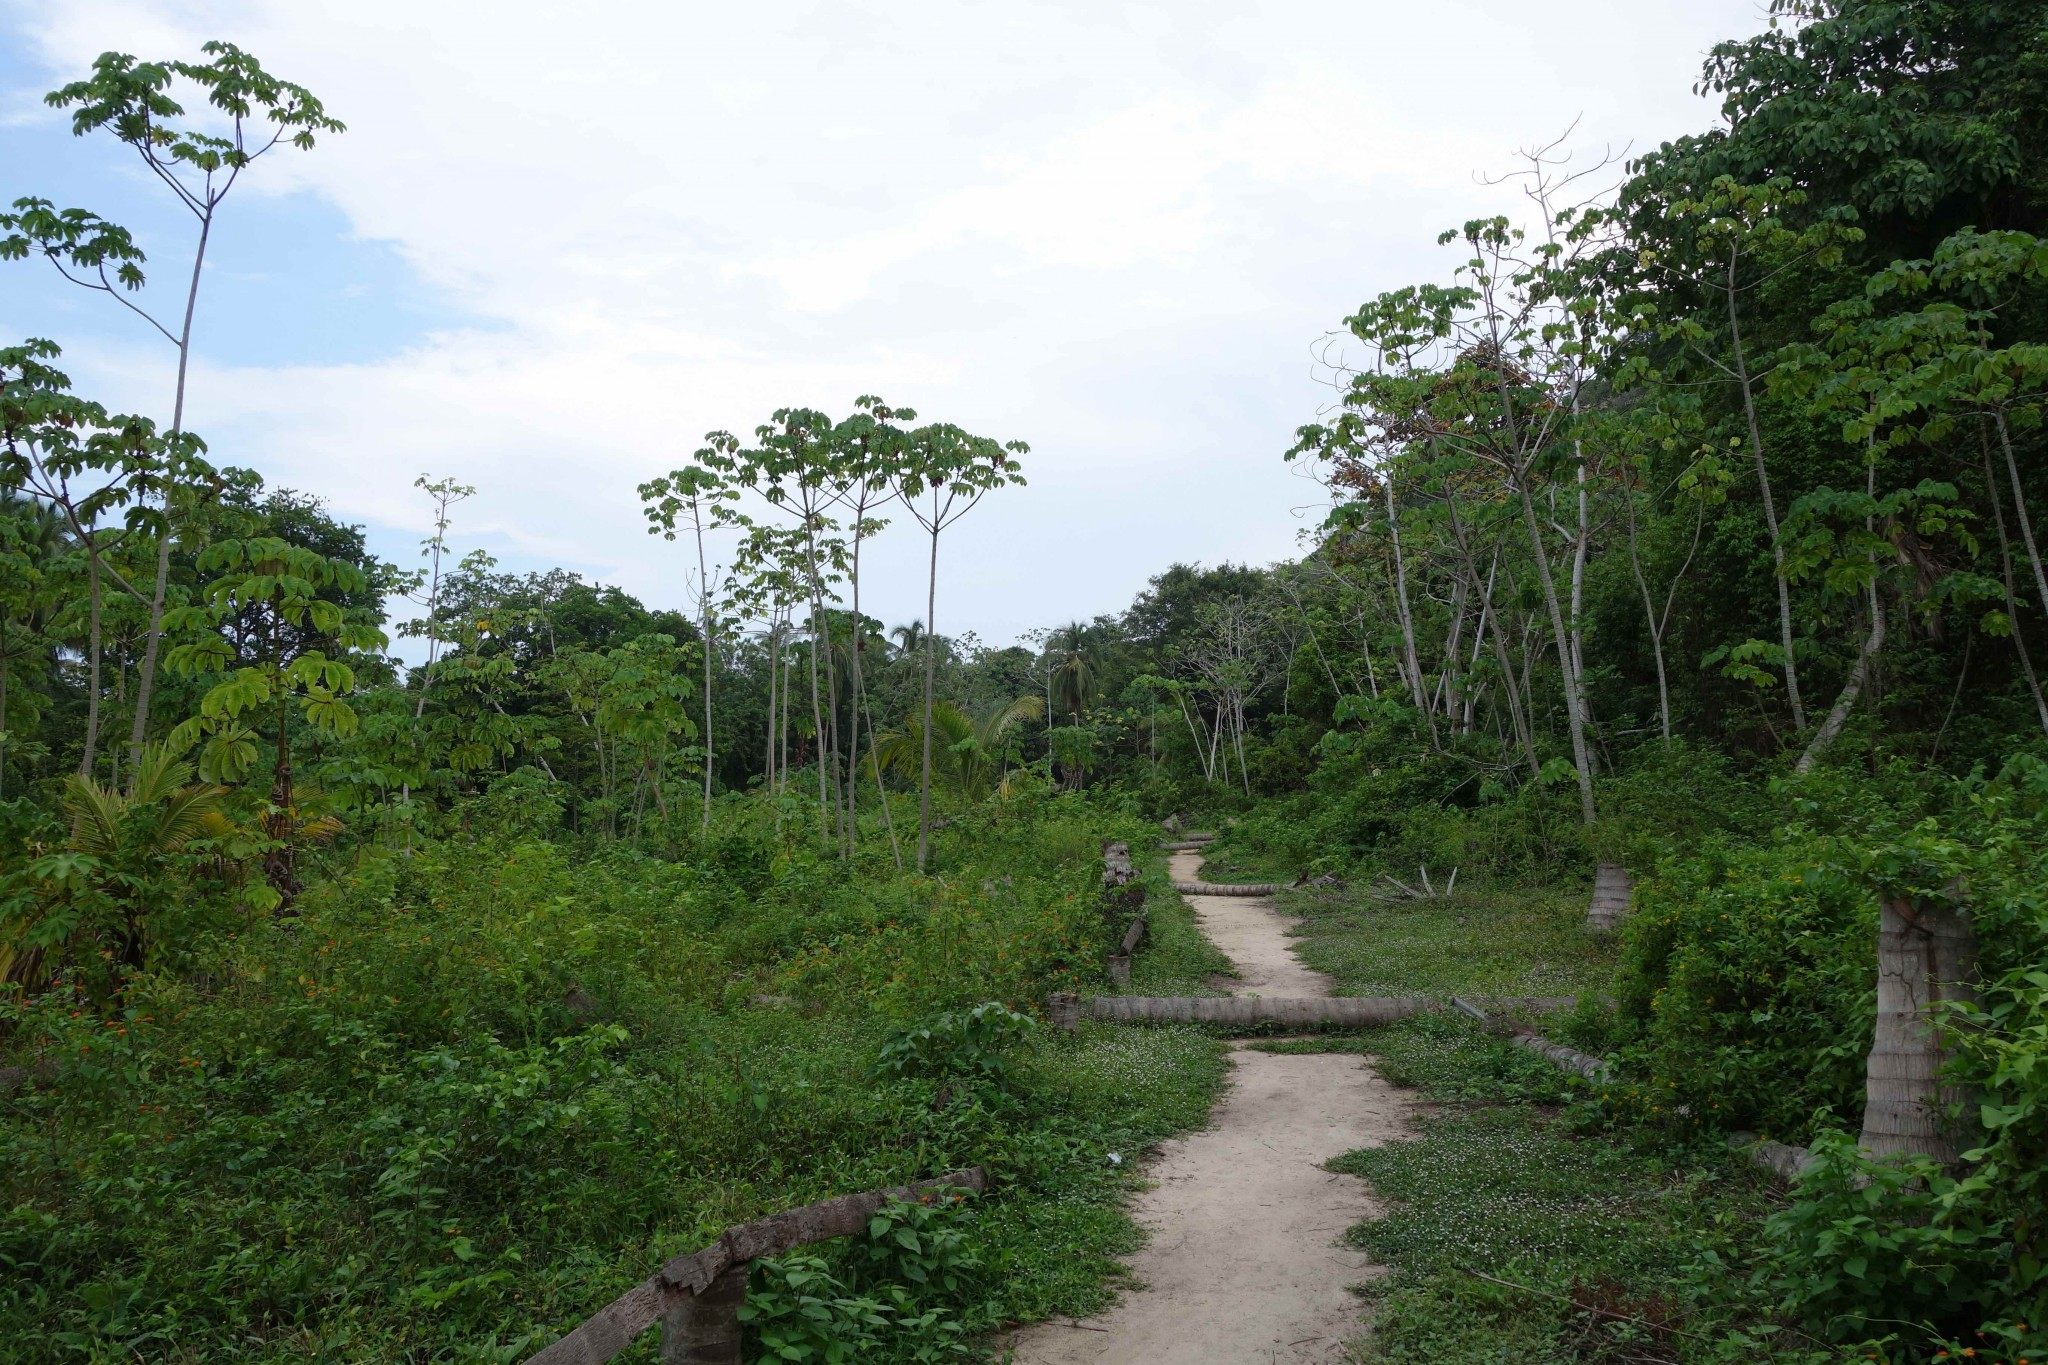 Parque Tayrona Weg durch den tropischen Regenwald